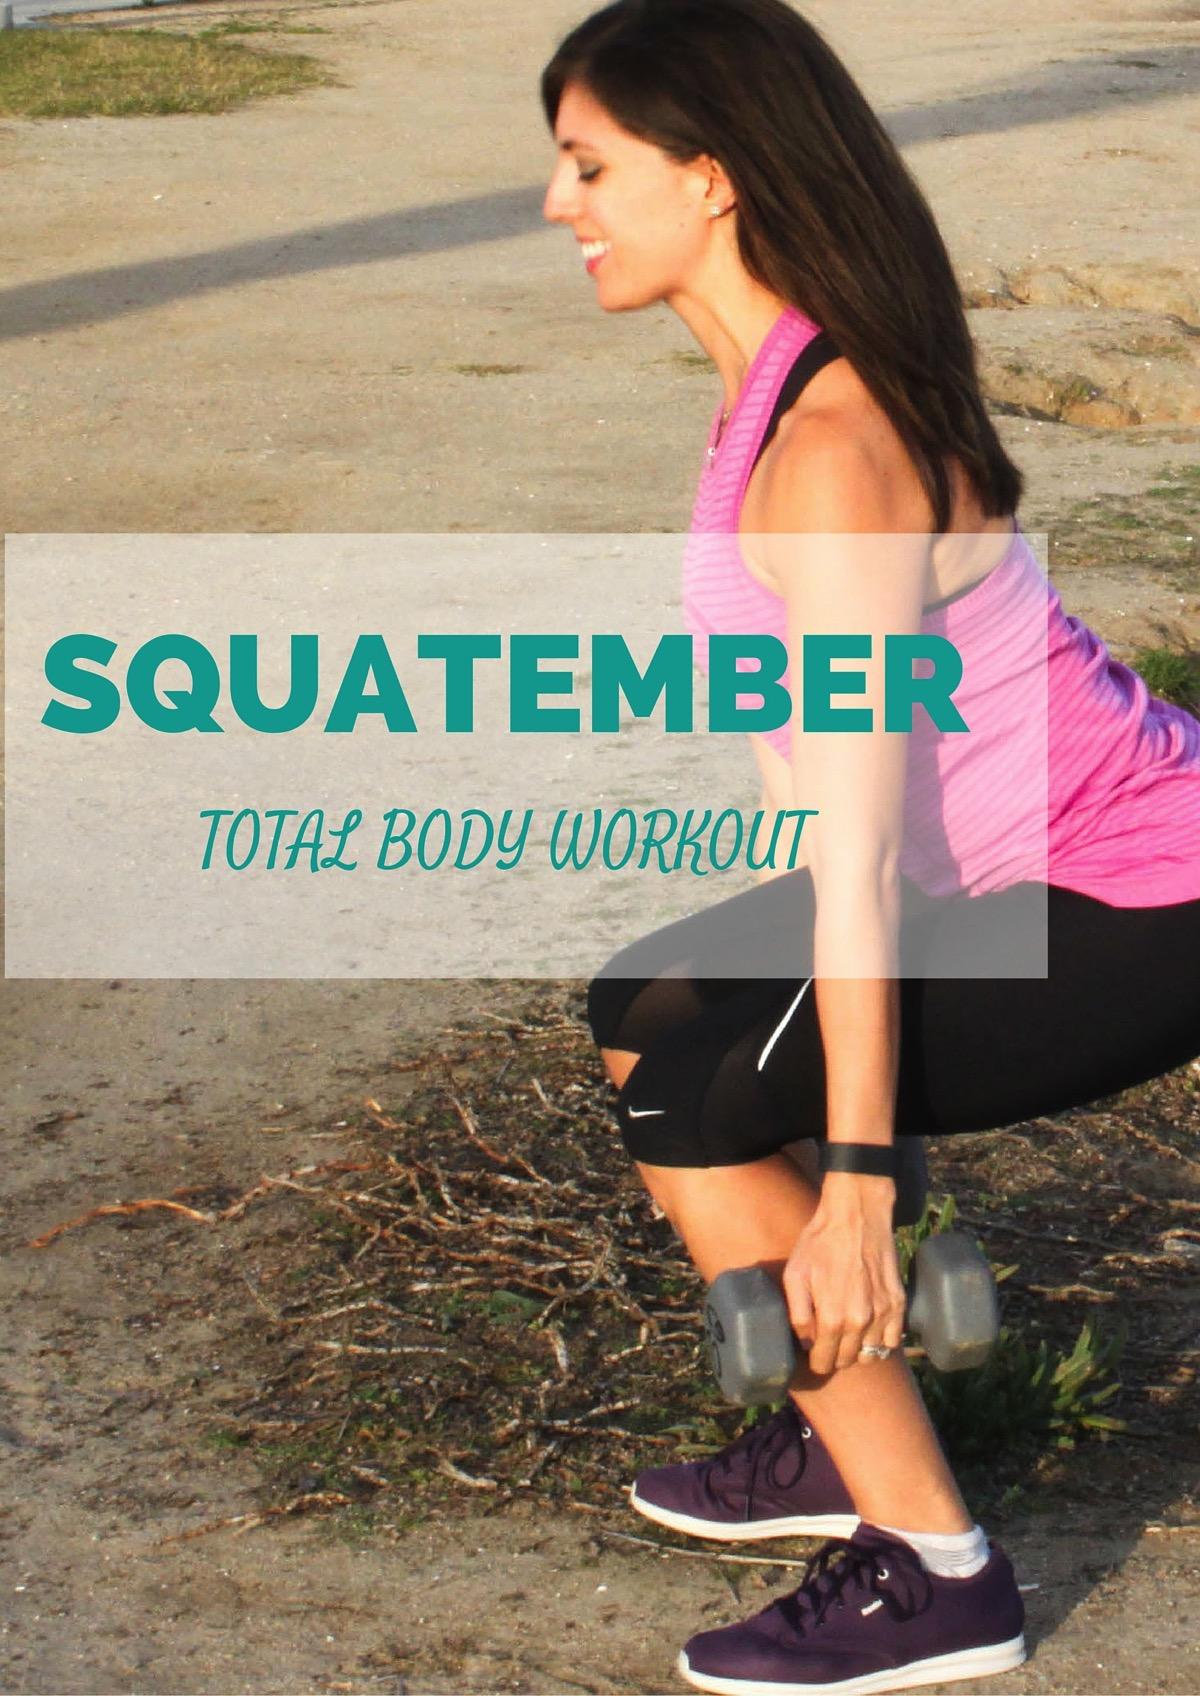 Squatember total body